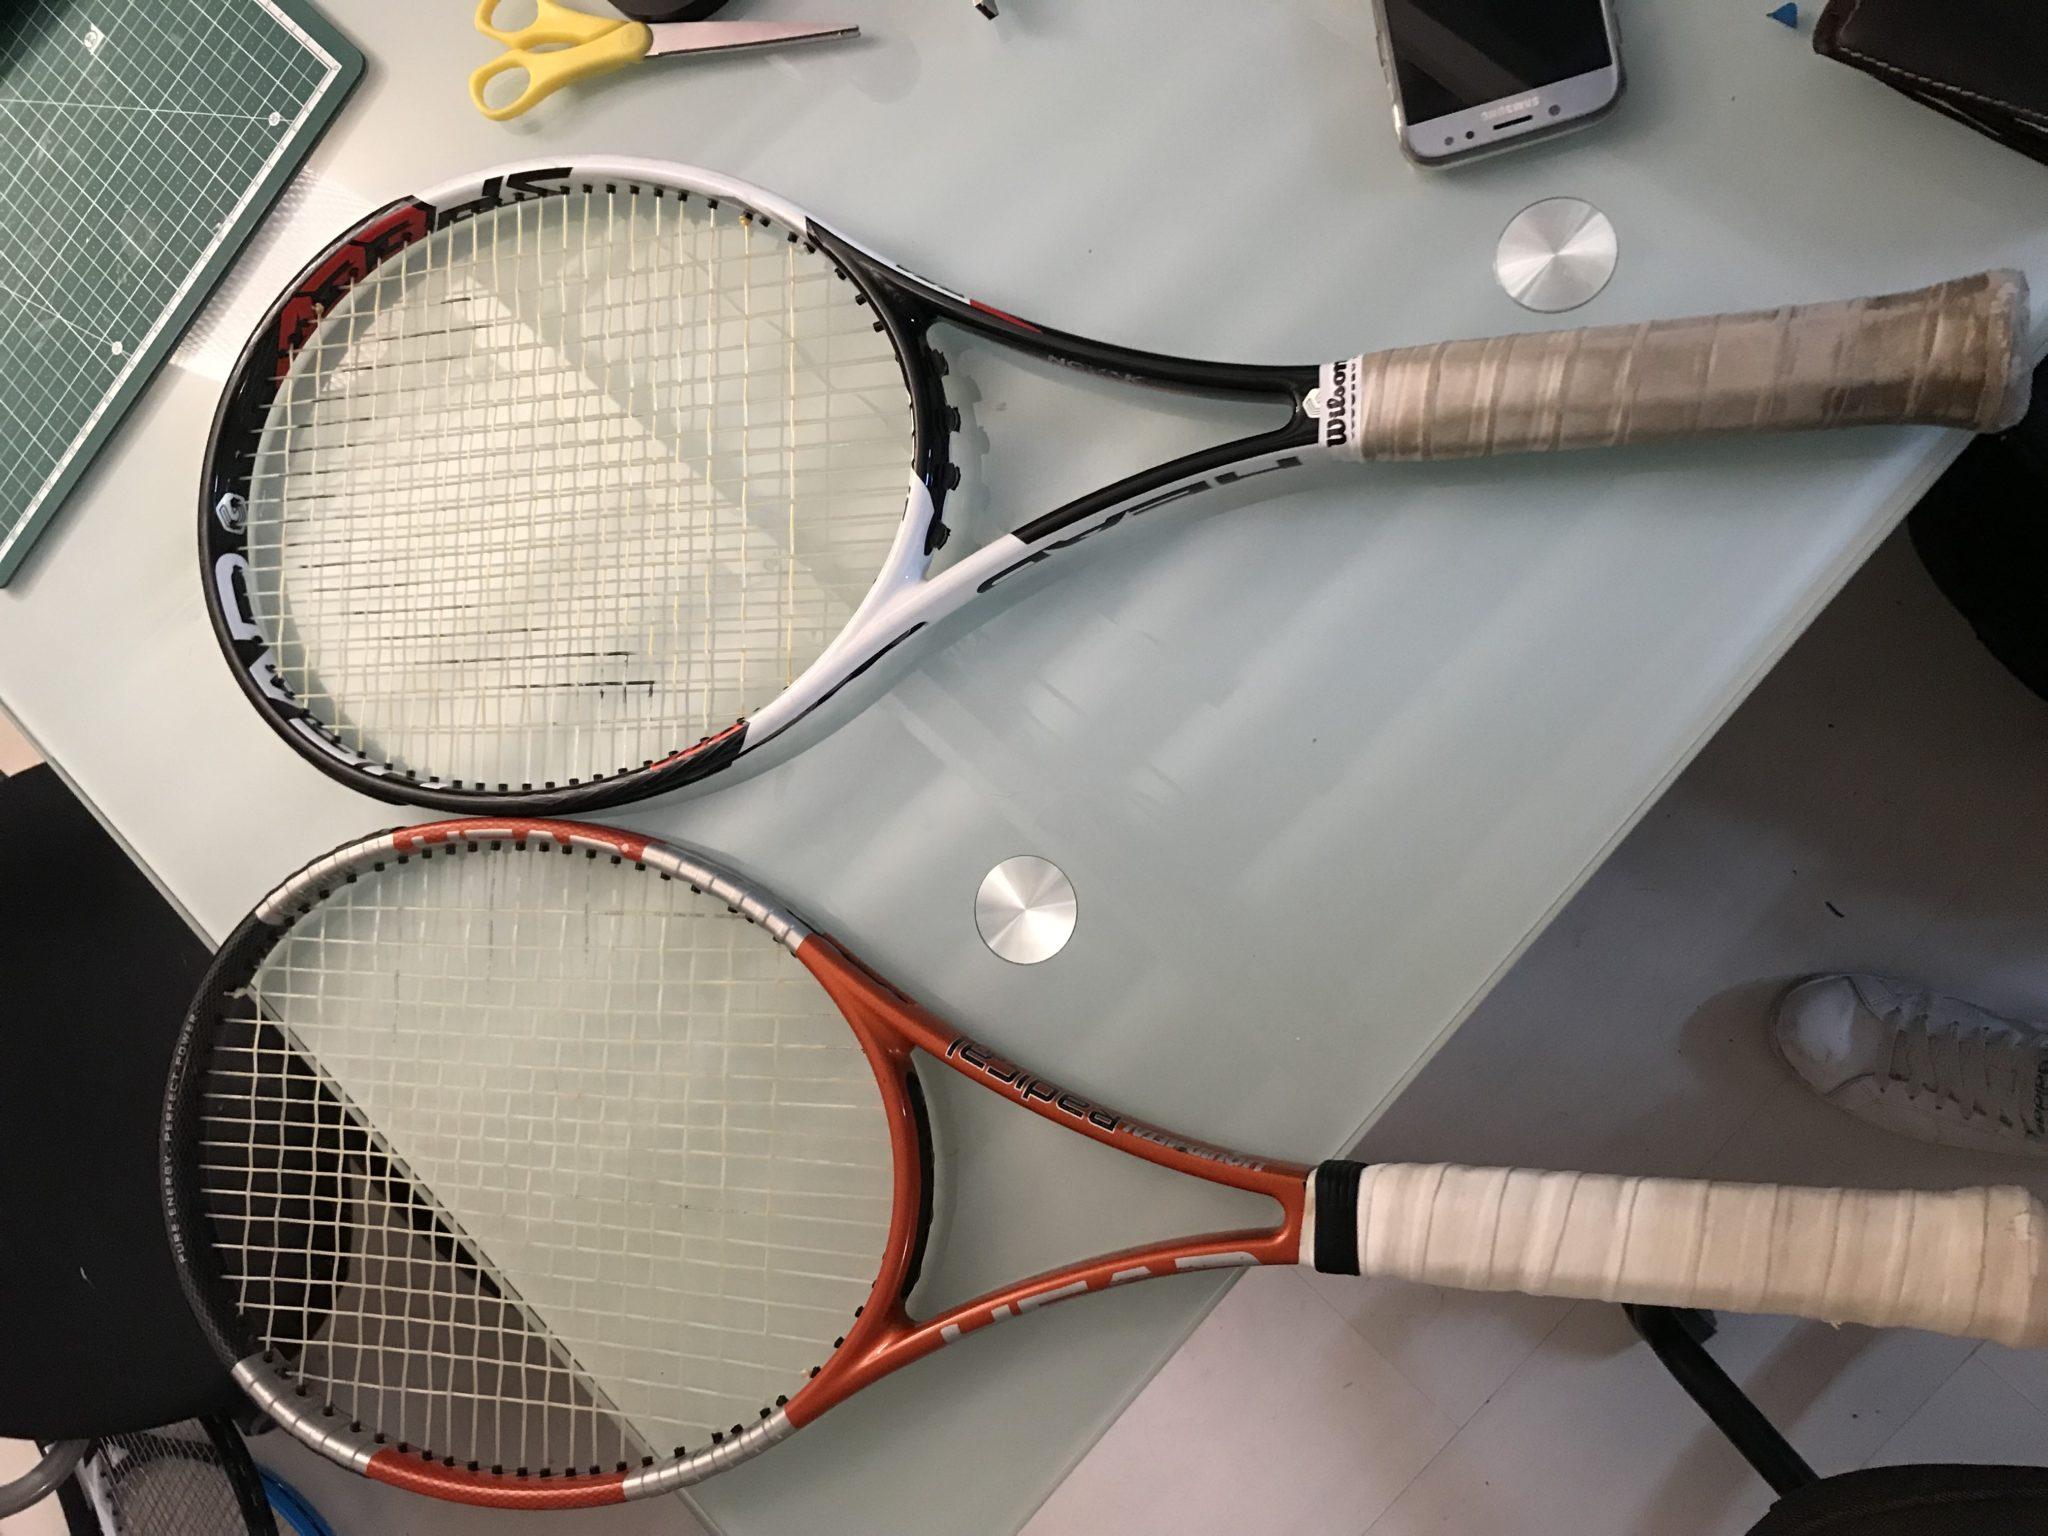 Novak Djokovic S Actual Racquet A Tennisnerd Racquet Review